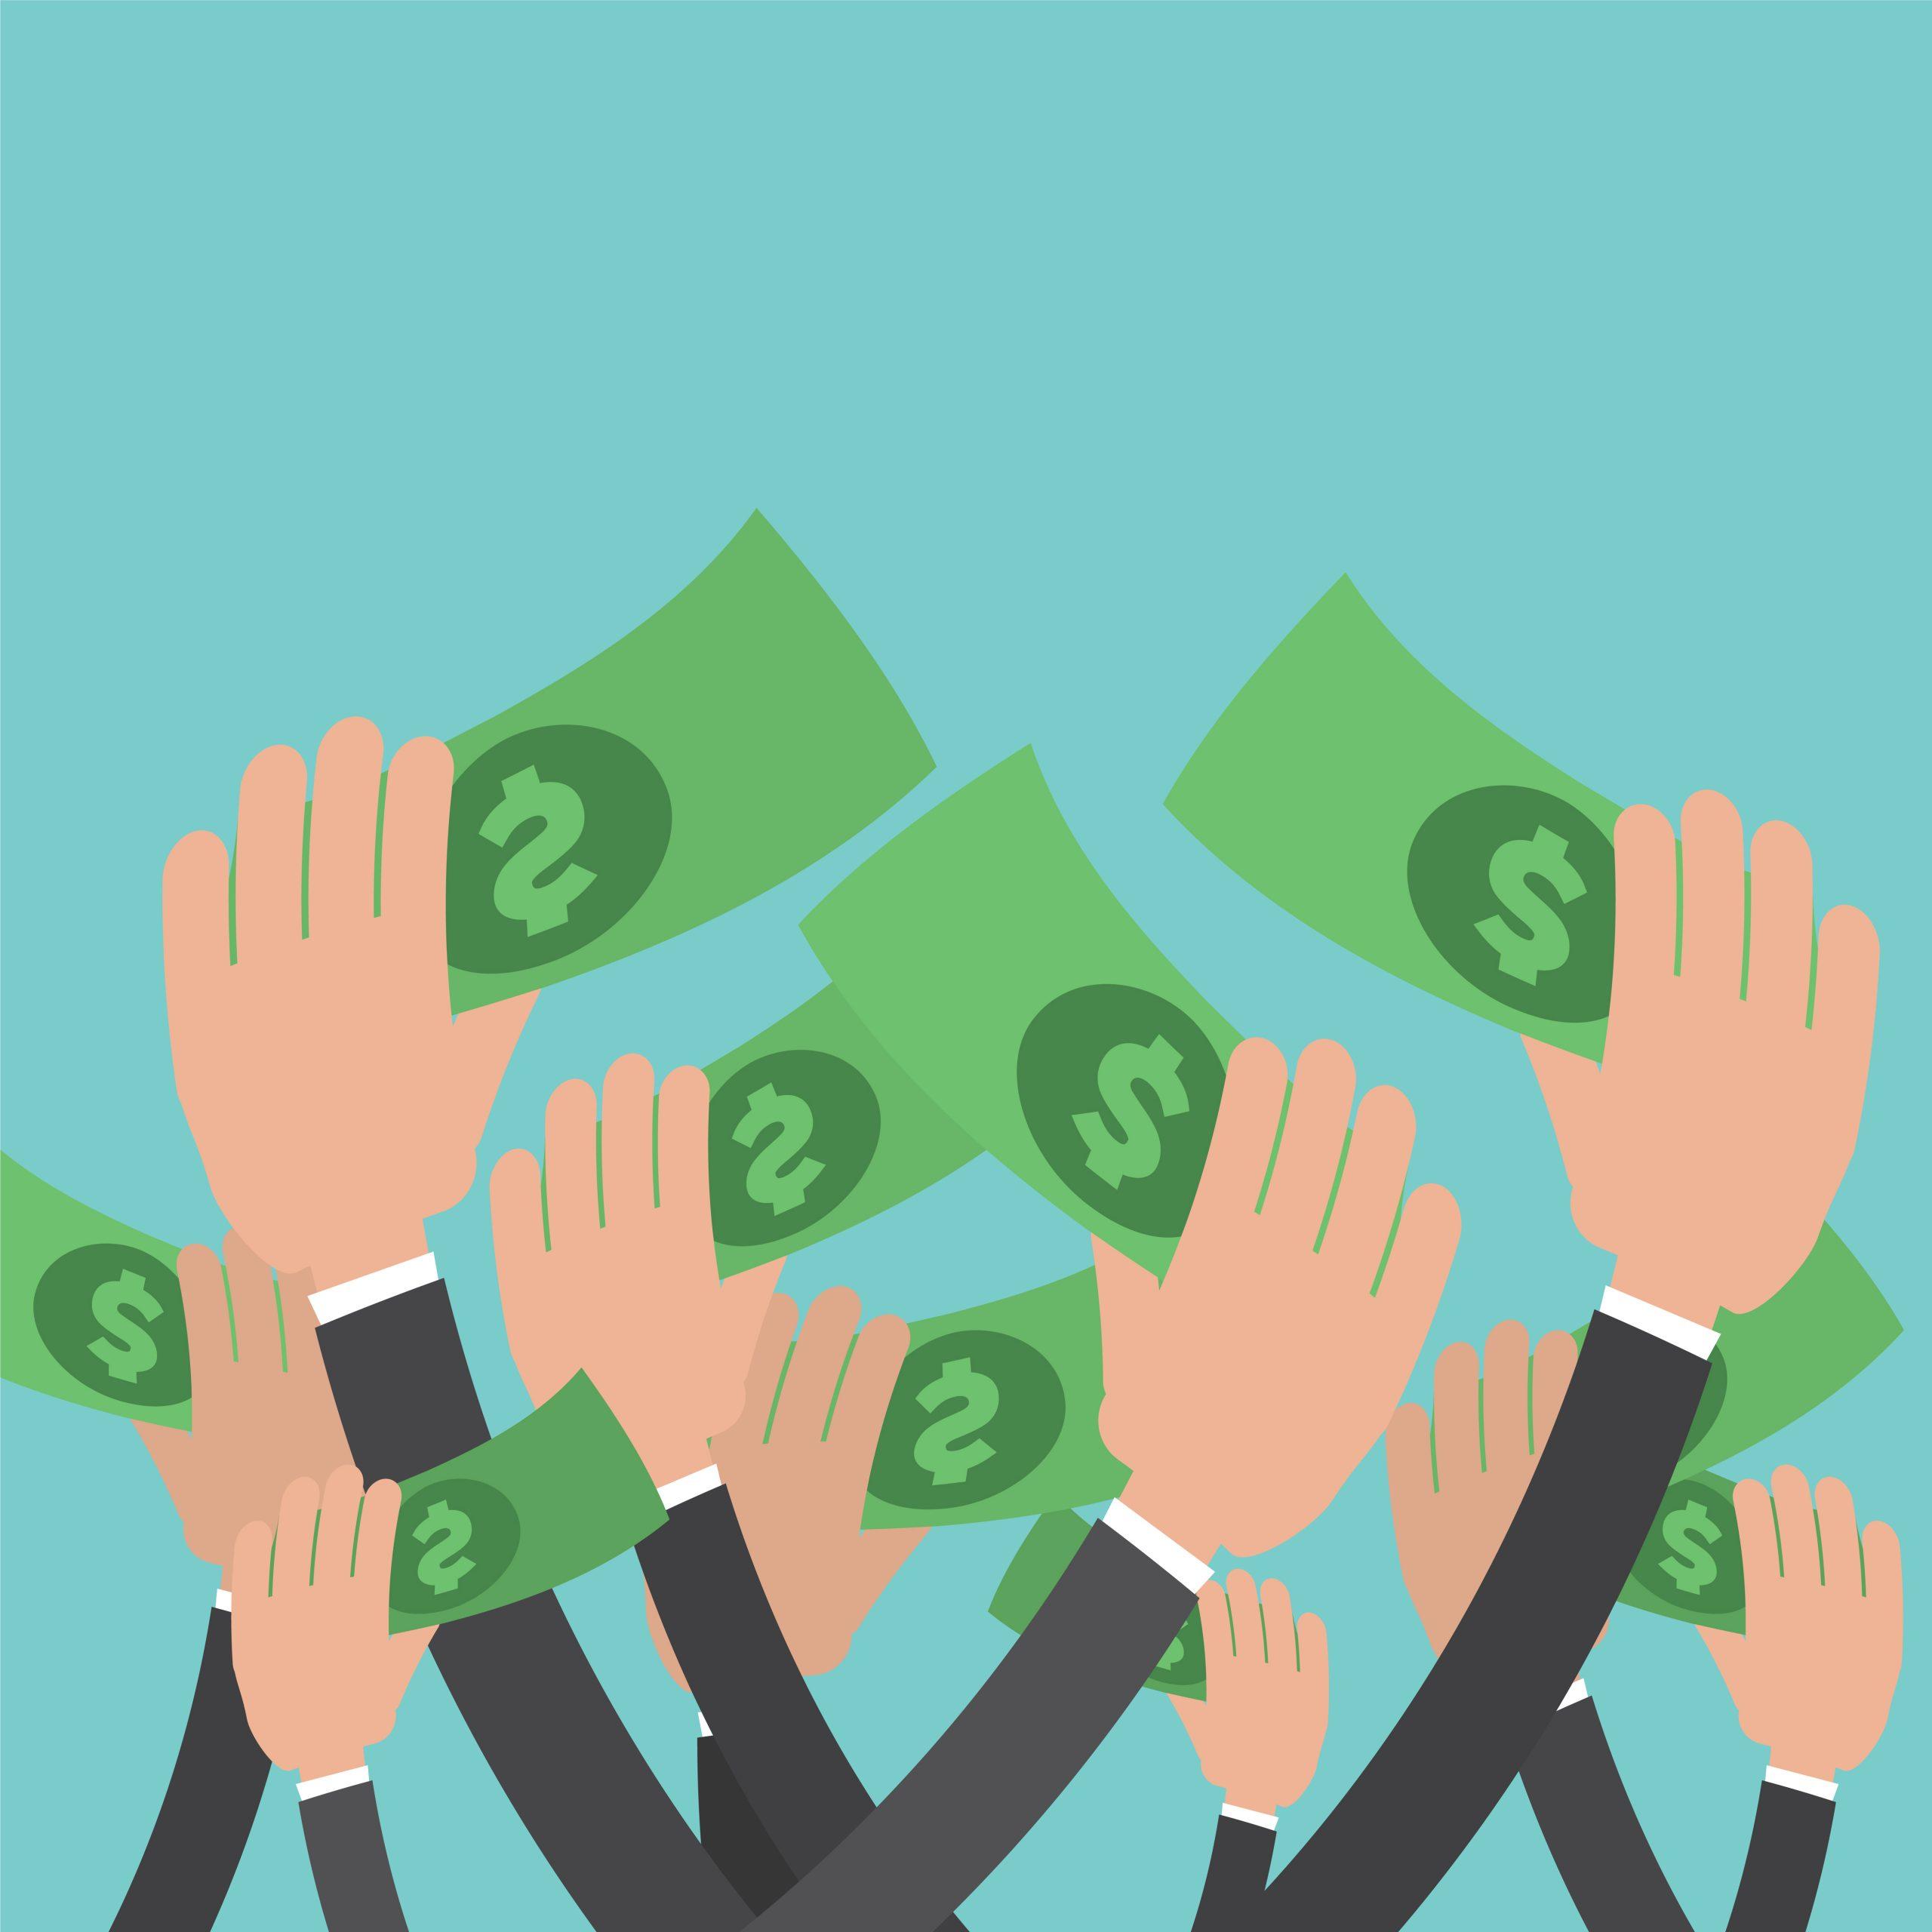 Hands grabbing money